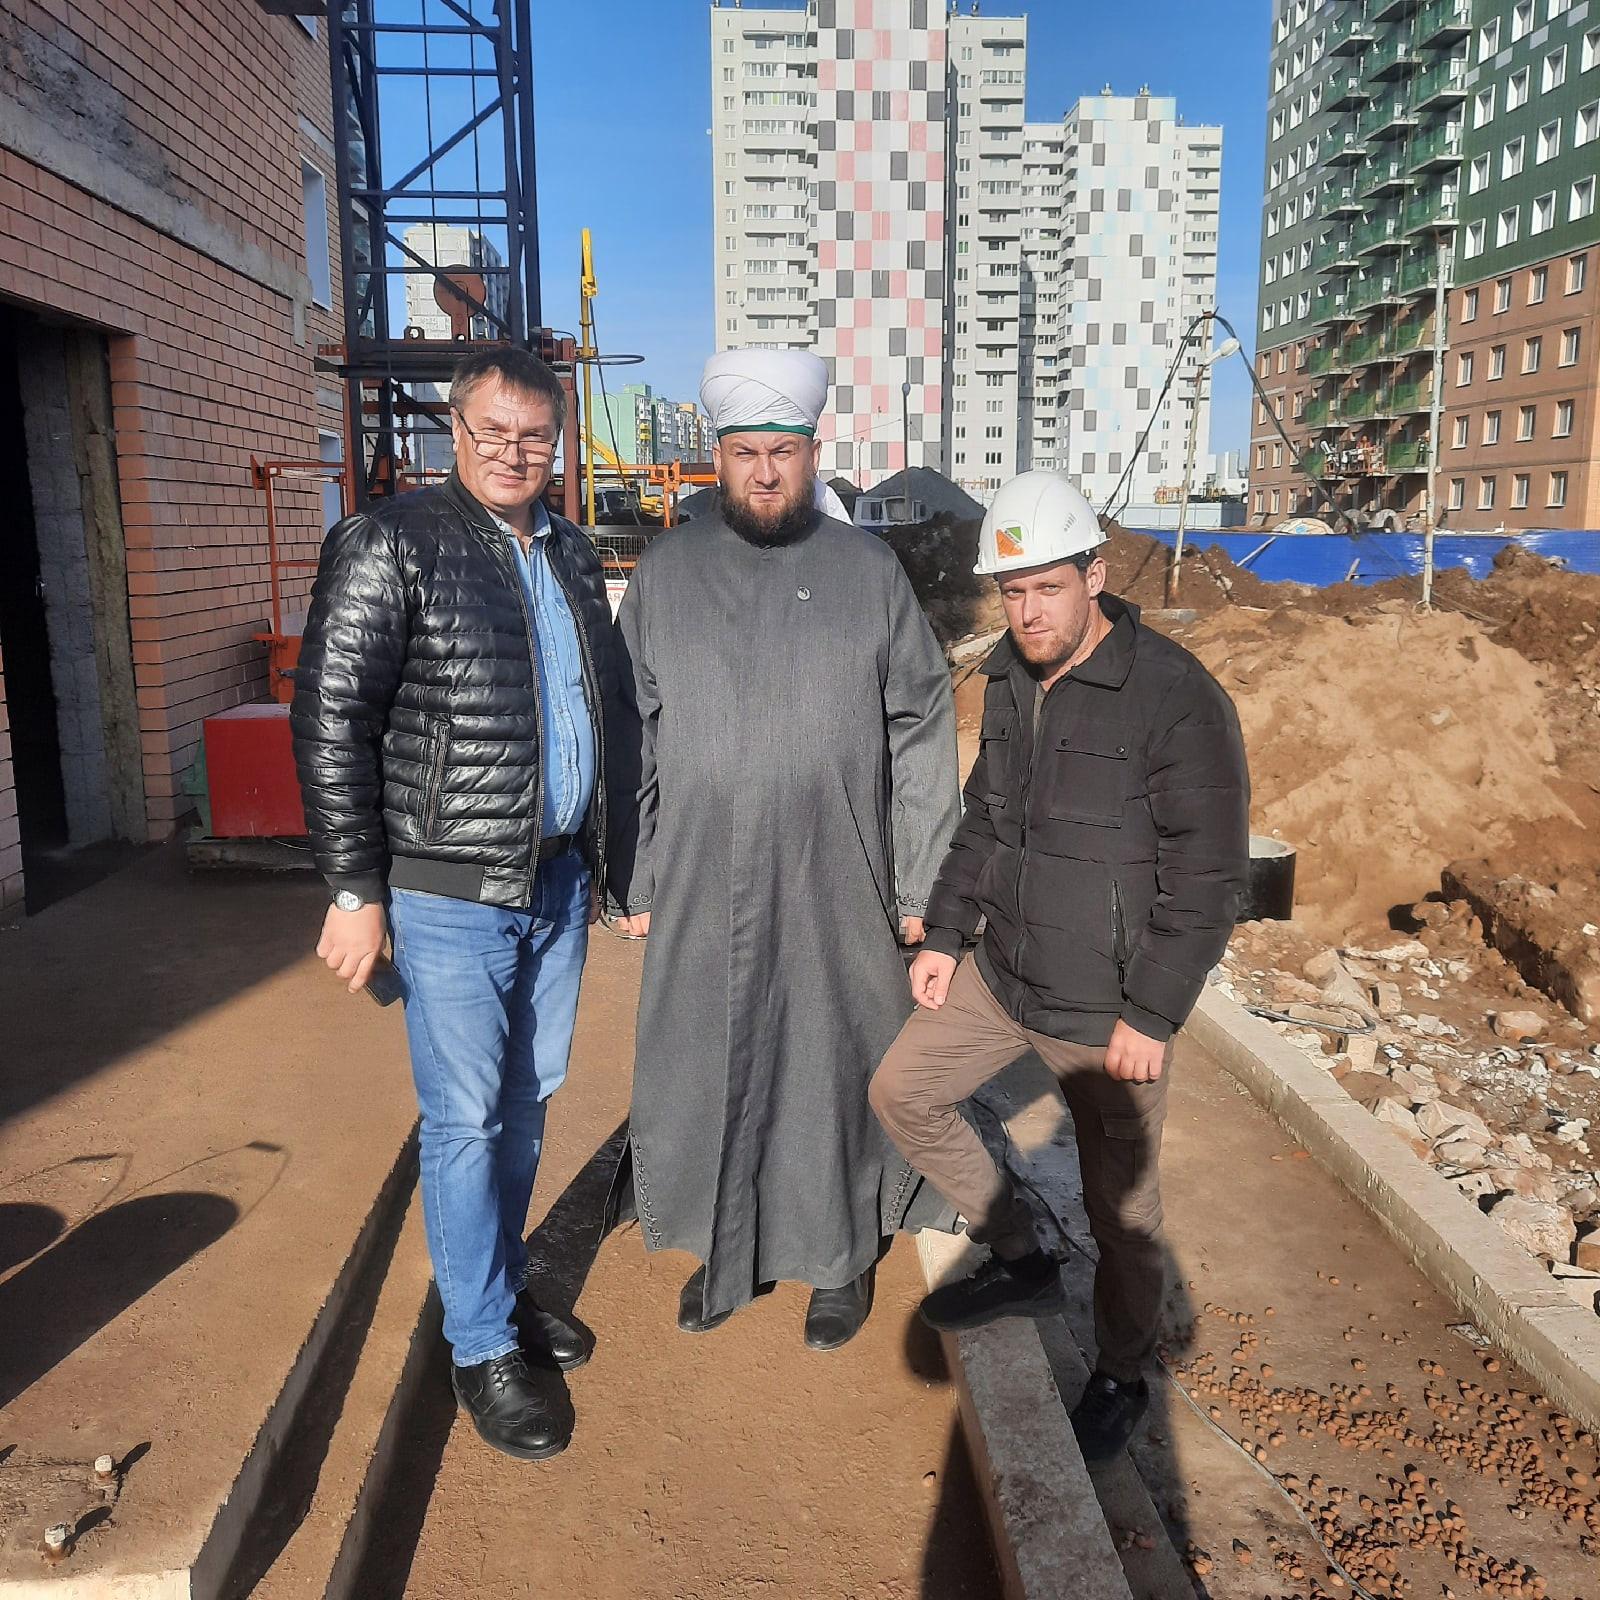 Рустам хазрат Рахматулла провел рабочую встречу с представителями ООО «Дом.59»